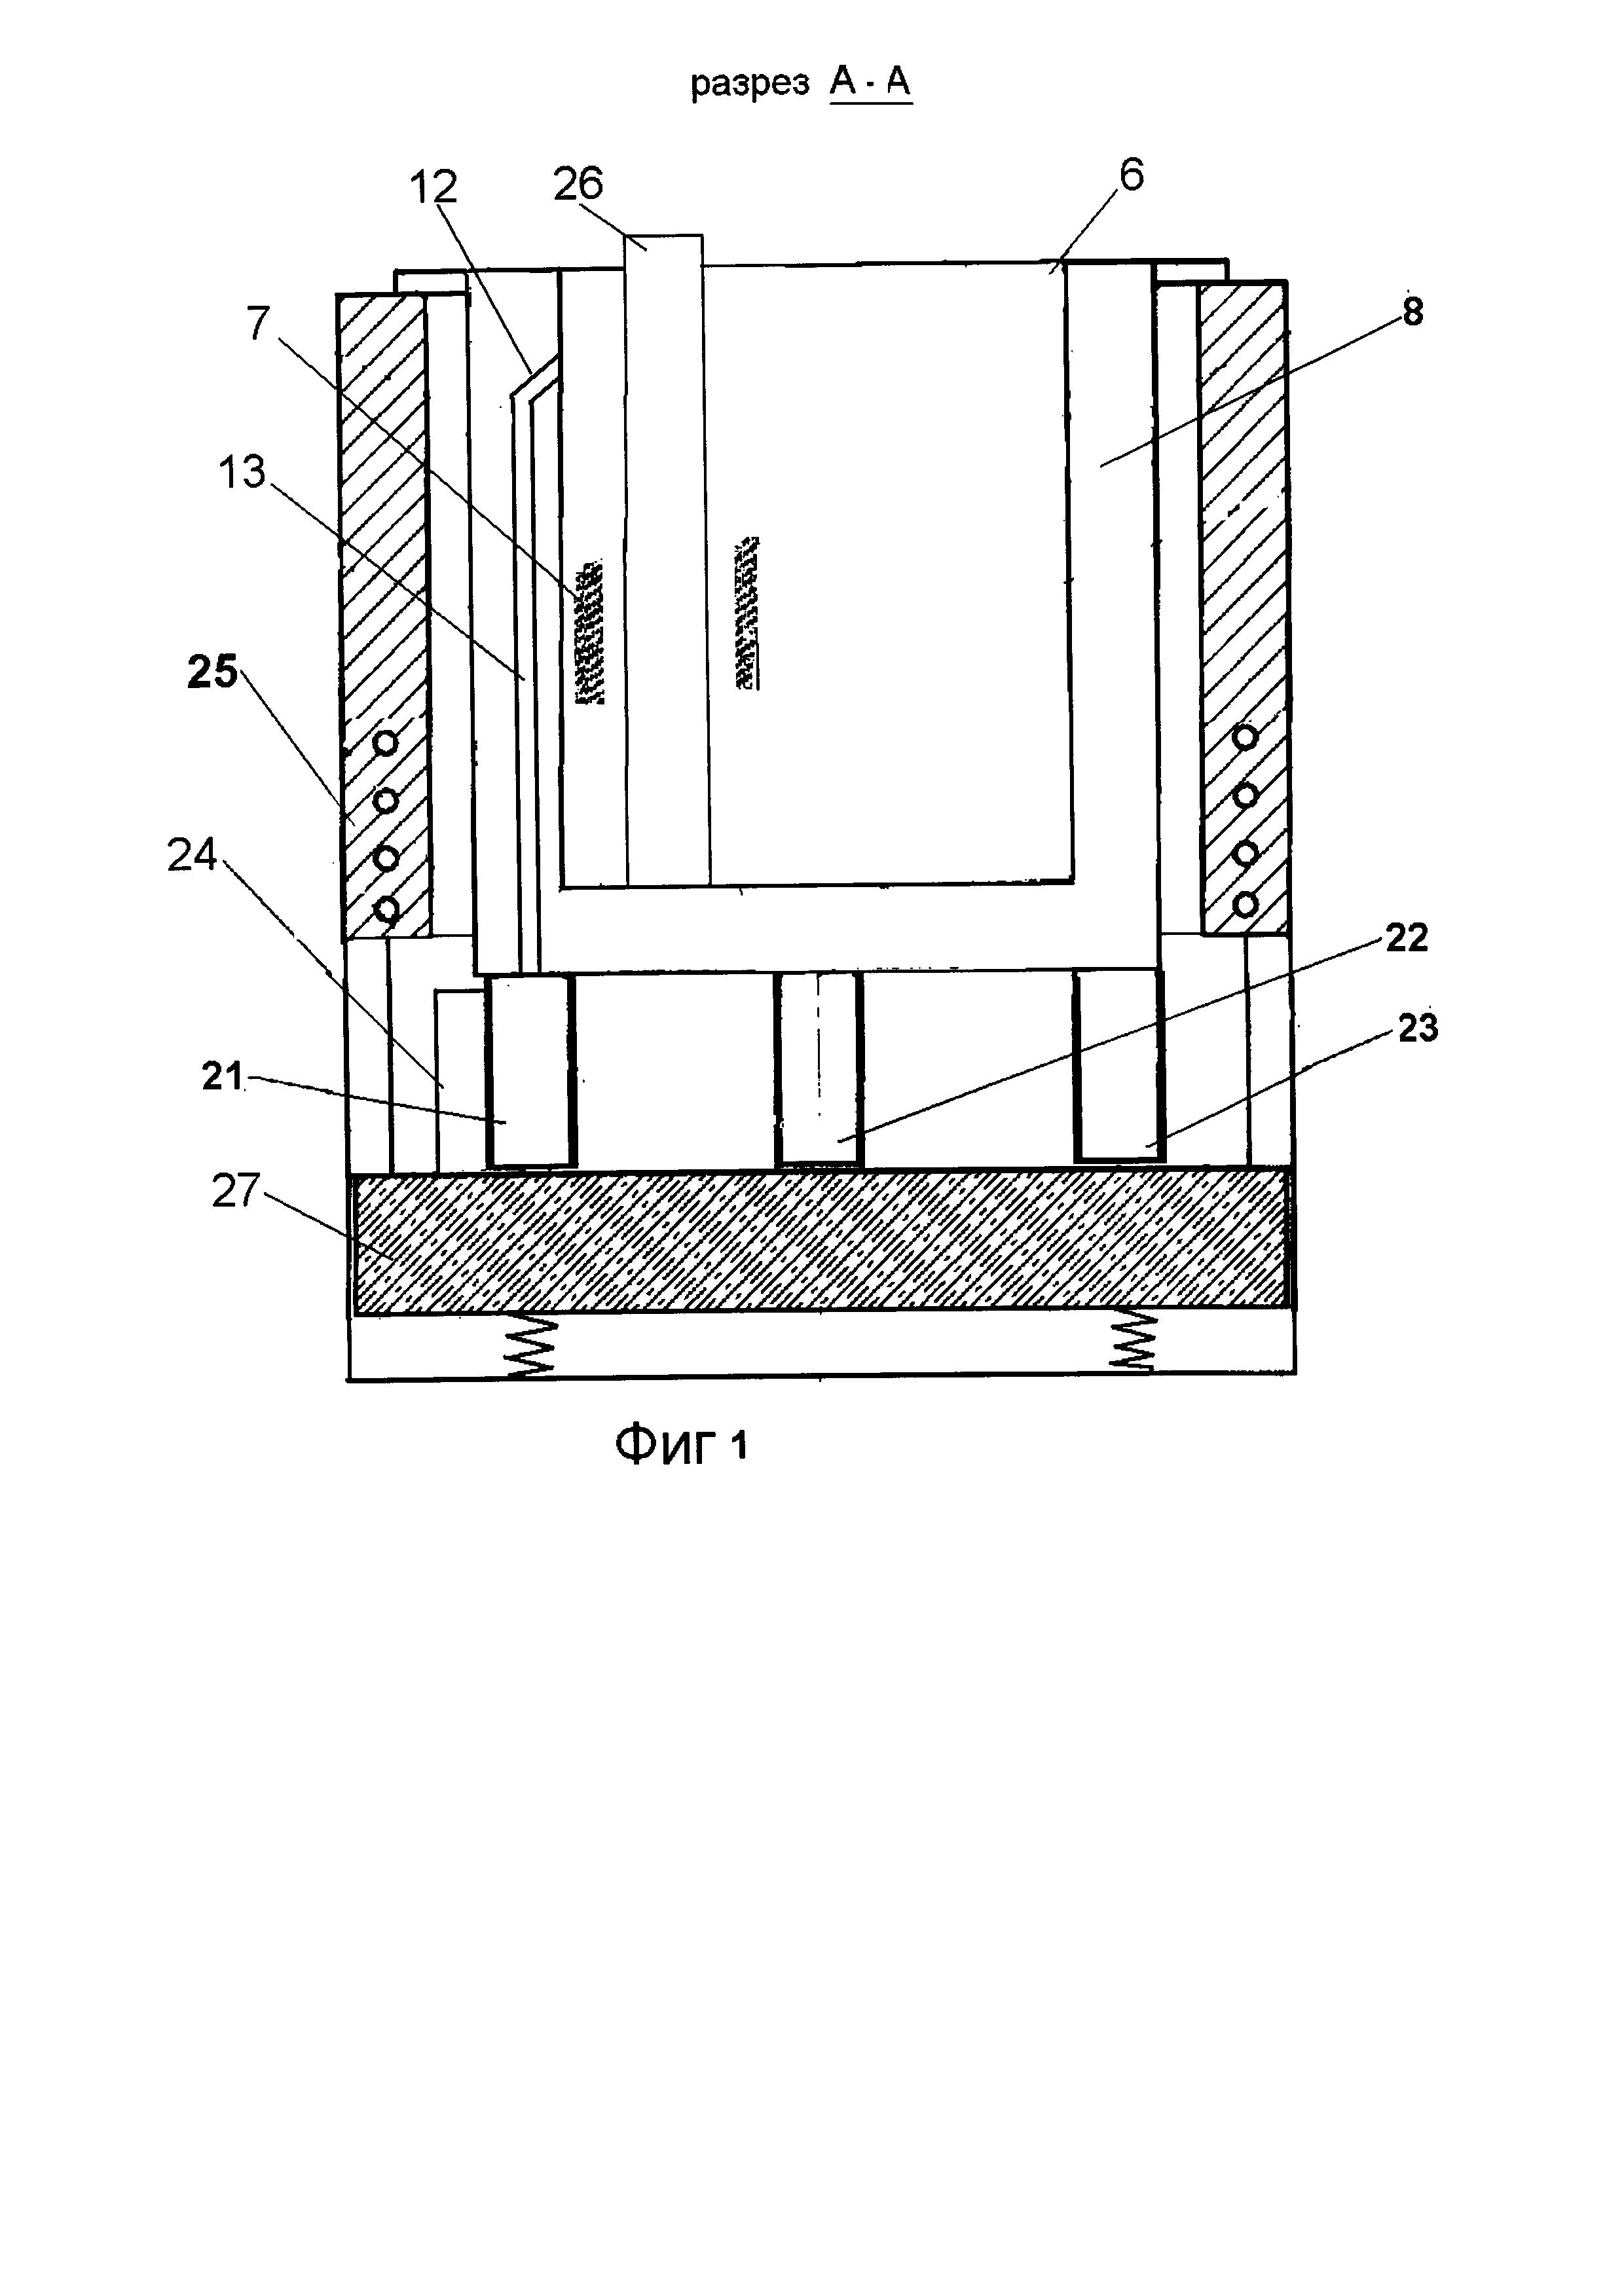 Электролизер для разделения легкоплавких сплавов электролизом в расплаве солей